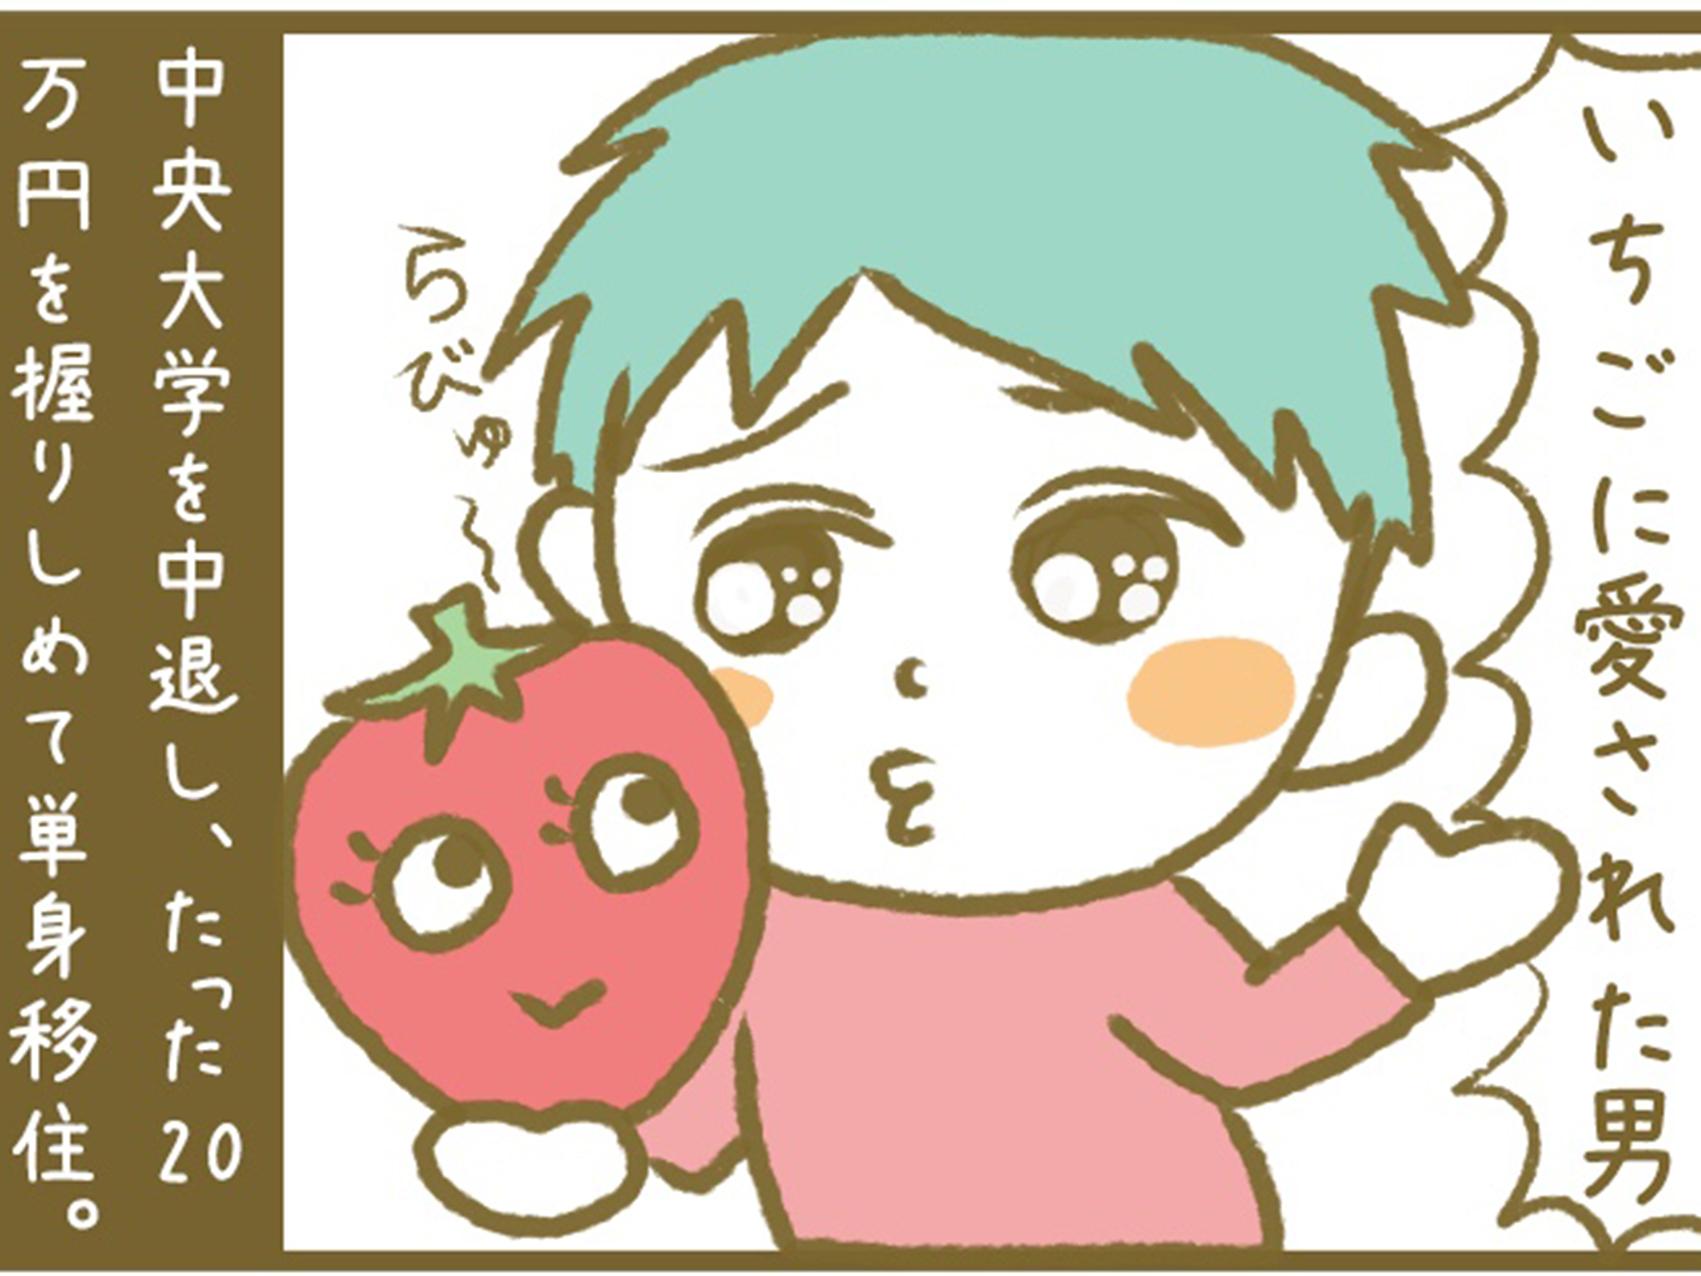 漫画「宮崎に移住した農家の嫁日記」【第1話】いちごになったダンナ